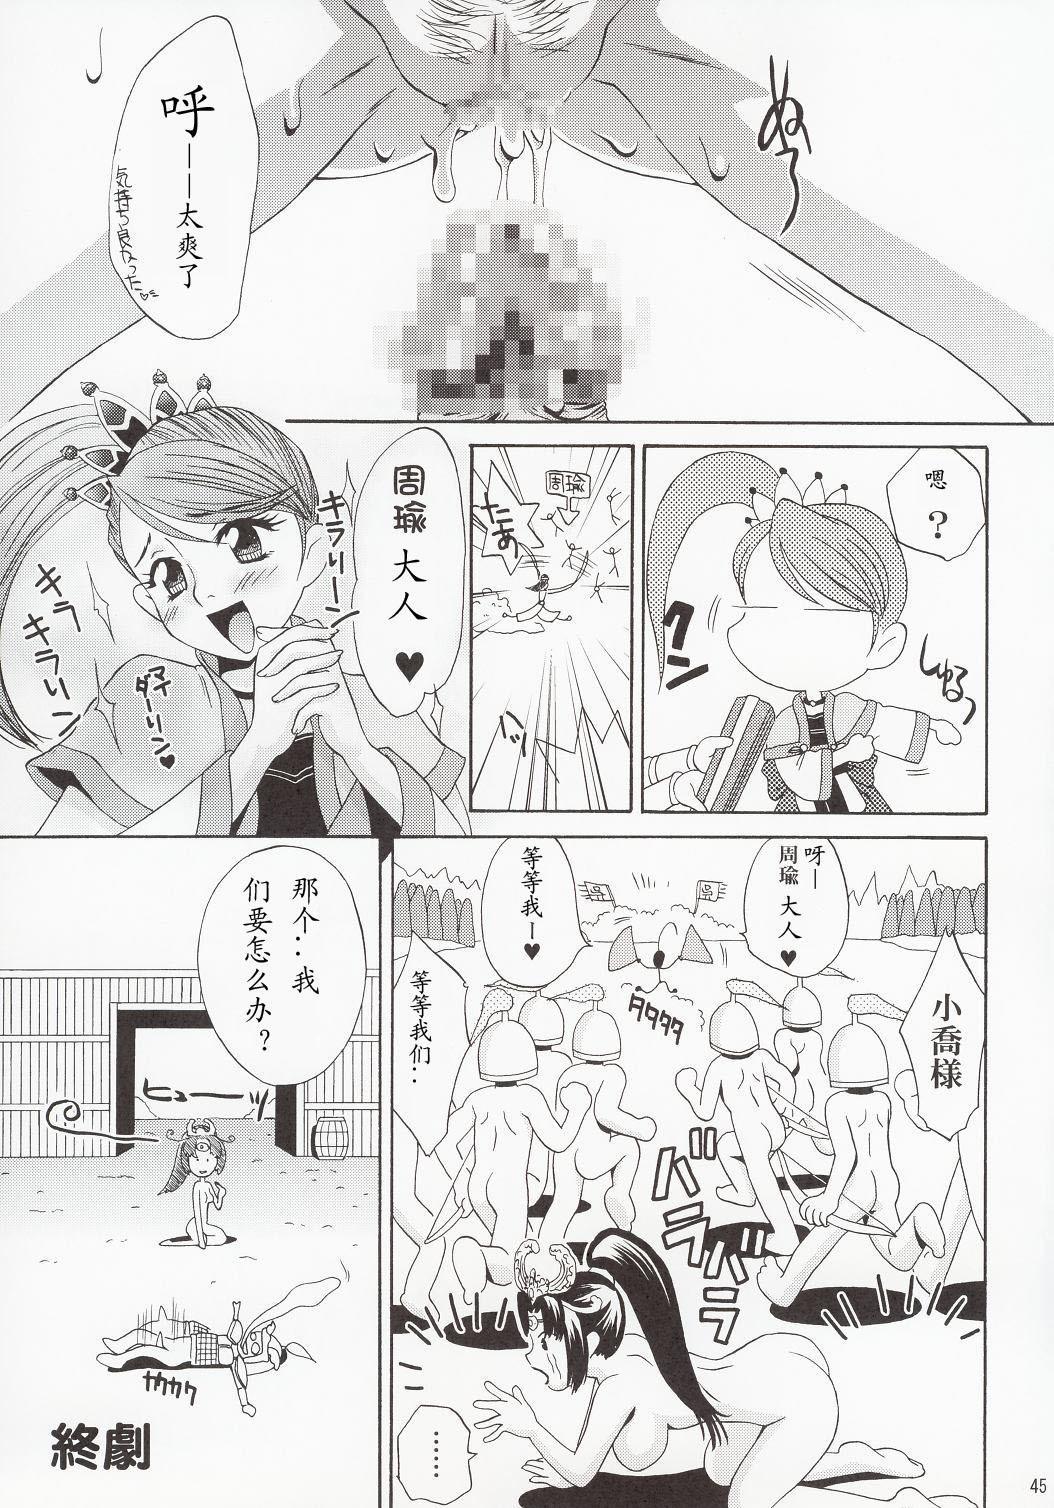 In Sangoku Musou 43